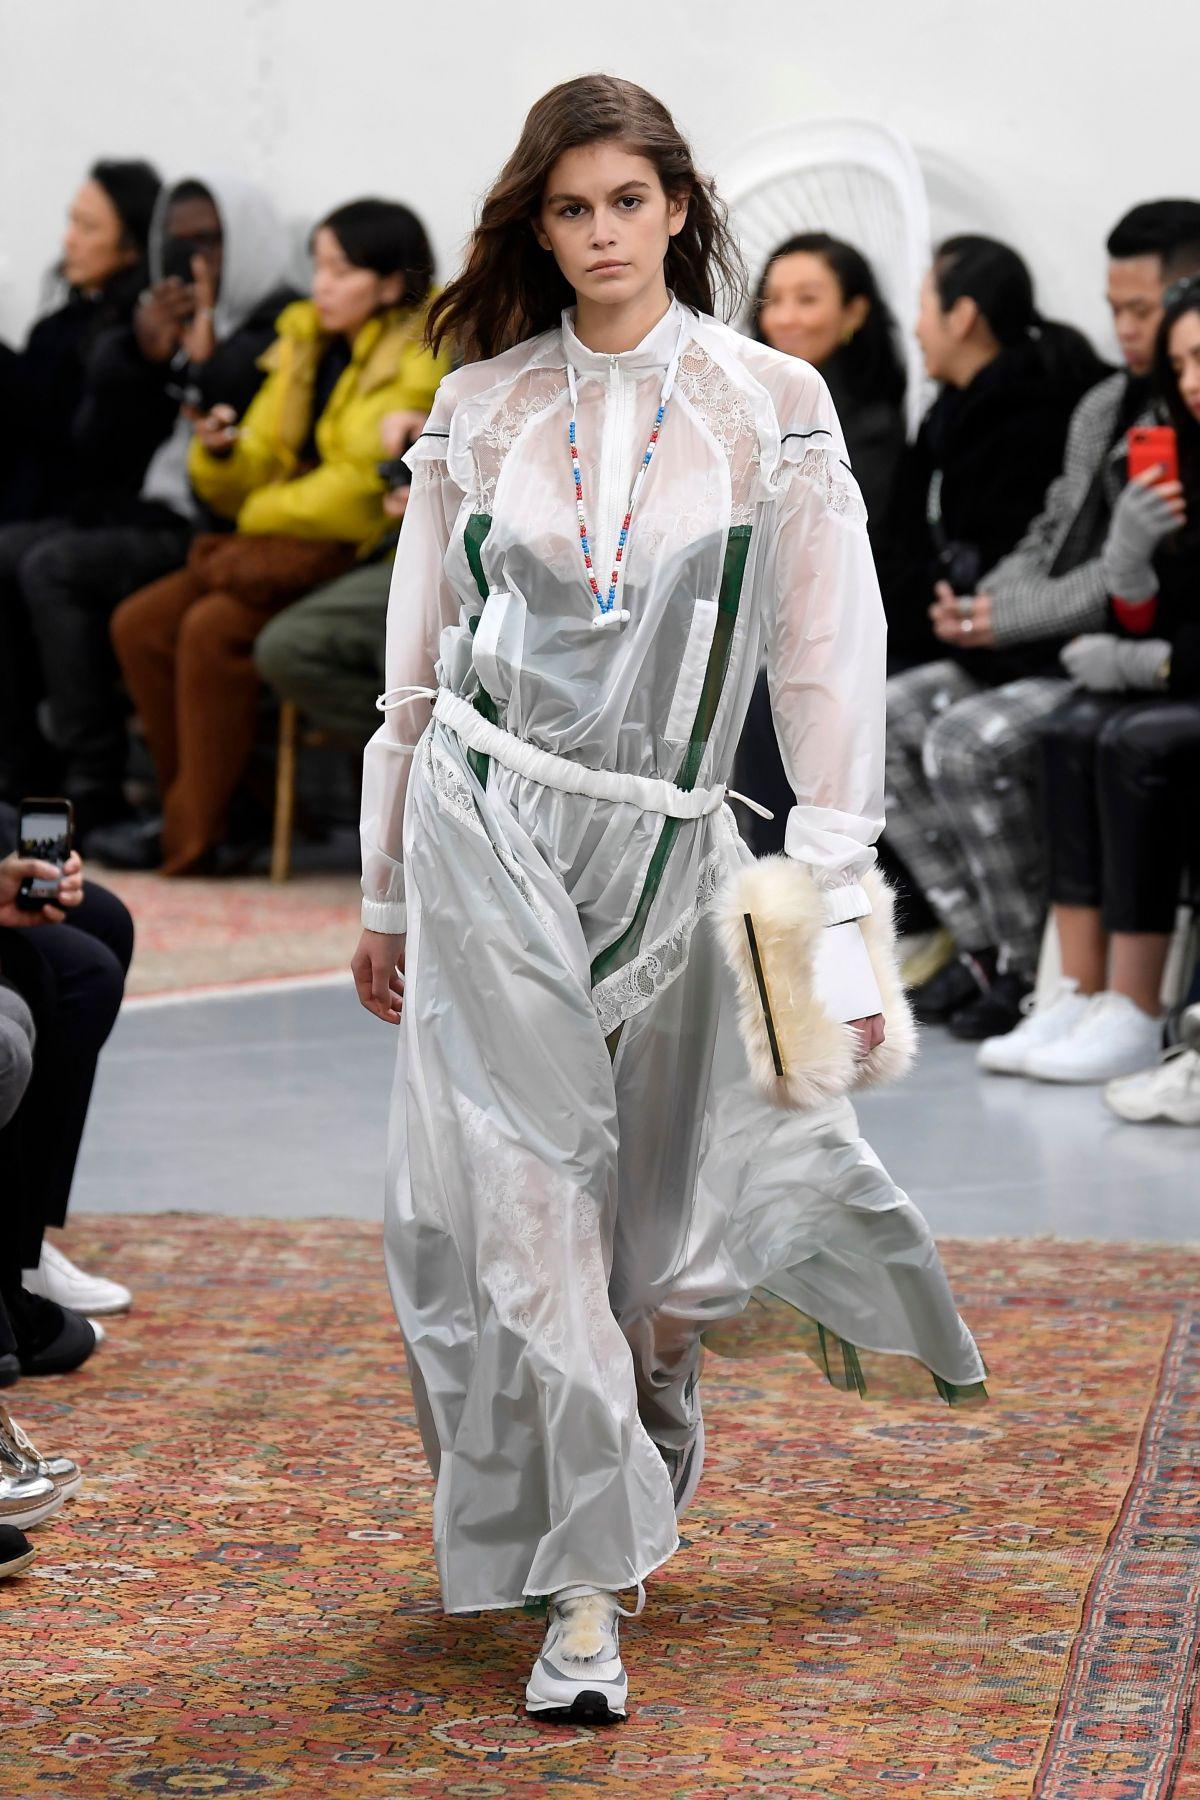 KAIA GERBER at Sacai Runway Show at Paris Fashion Week 01/19/2019